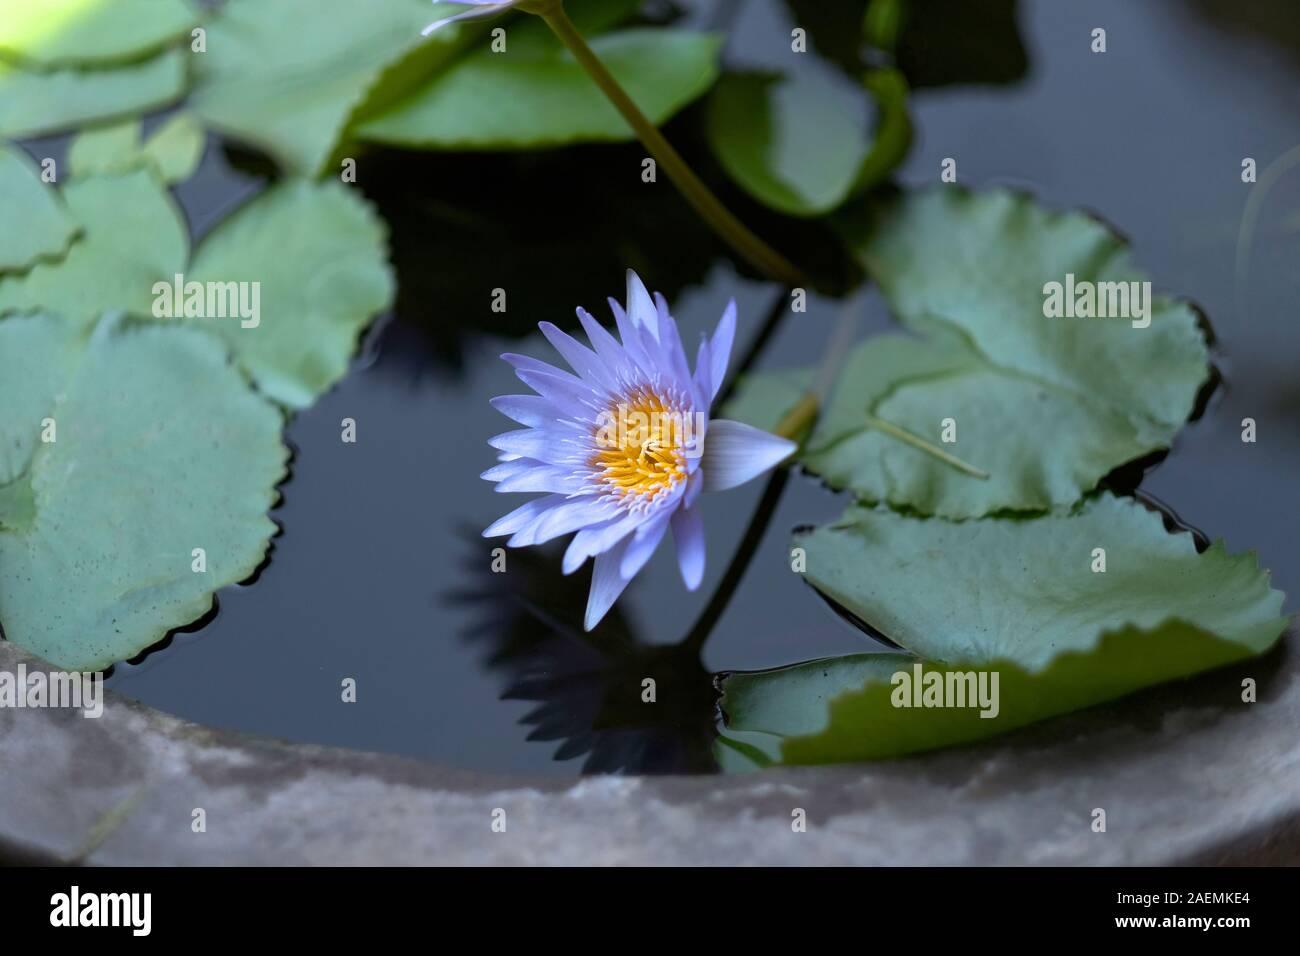 Lirio de agua con pétalos de color azul y un núcleo de color amarillo en la superficie del agua Foto de stock